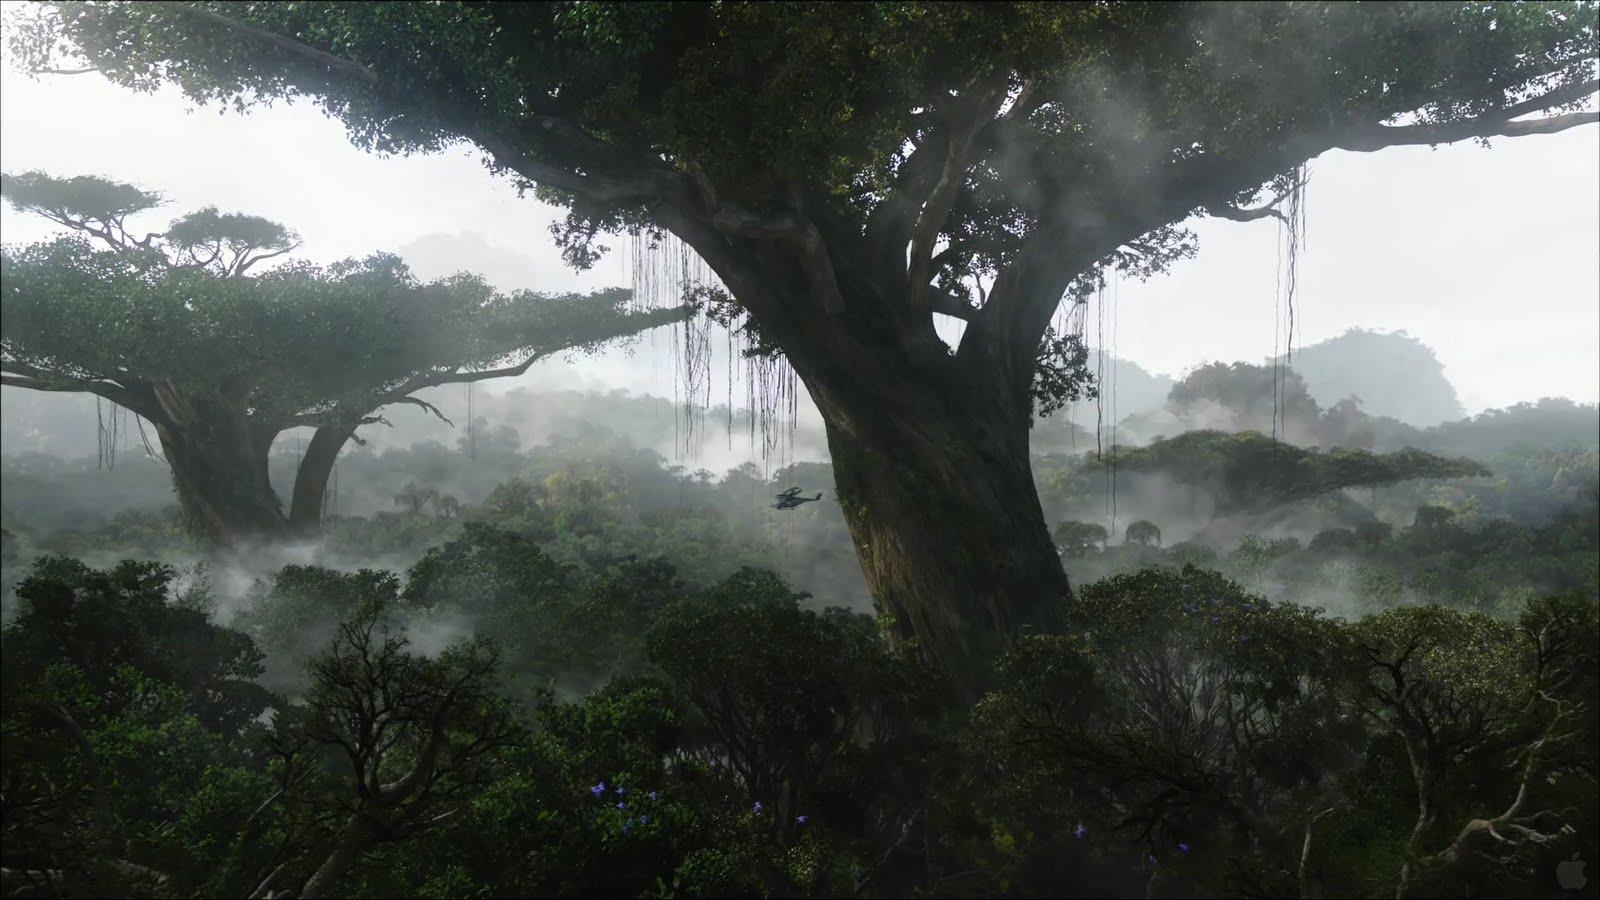 Rainforest HD Wallpapers – wallpaper202